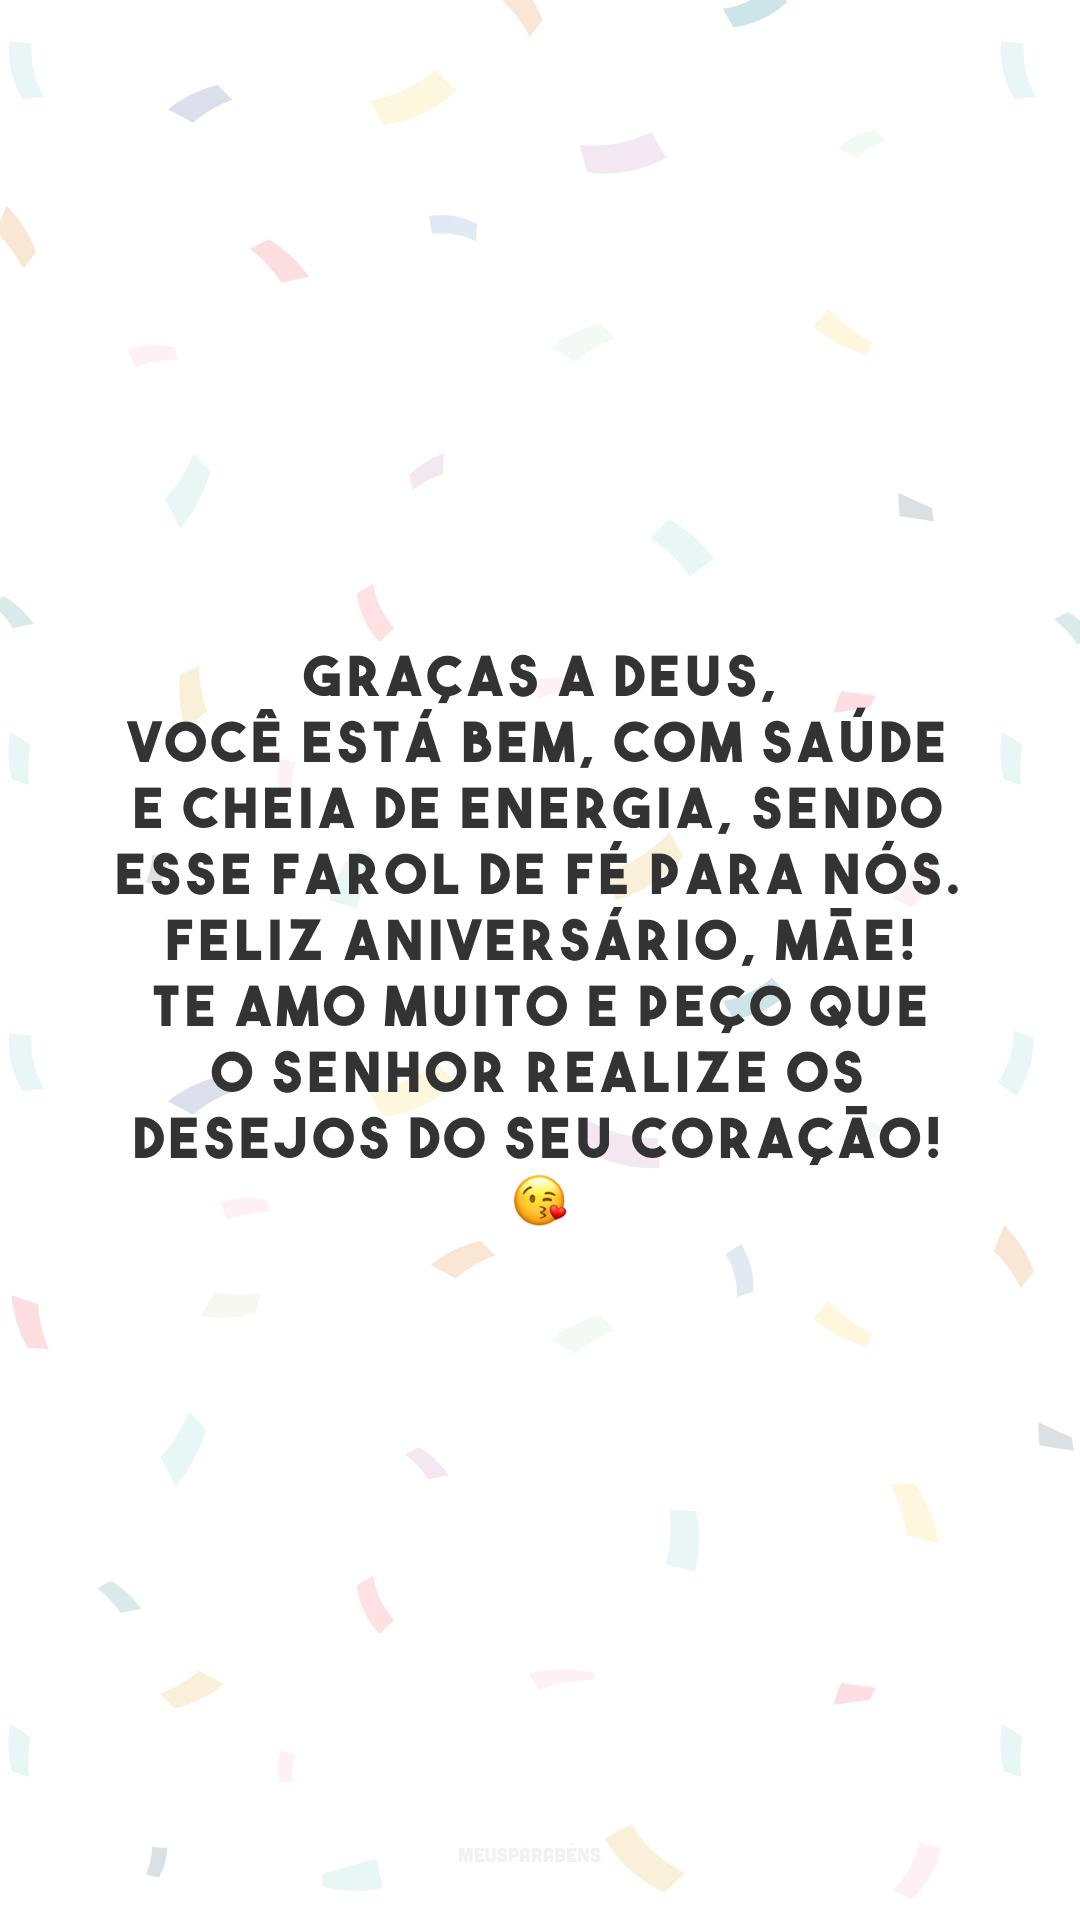 Graças a Deus, você está bem, com saúde e cheia de energia, sendo esse farol de fé para nós. Feliz aniversário, mãe! Te amo muito e peço que o Senhor realize os desejos do seu coração! 😘